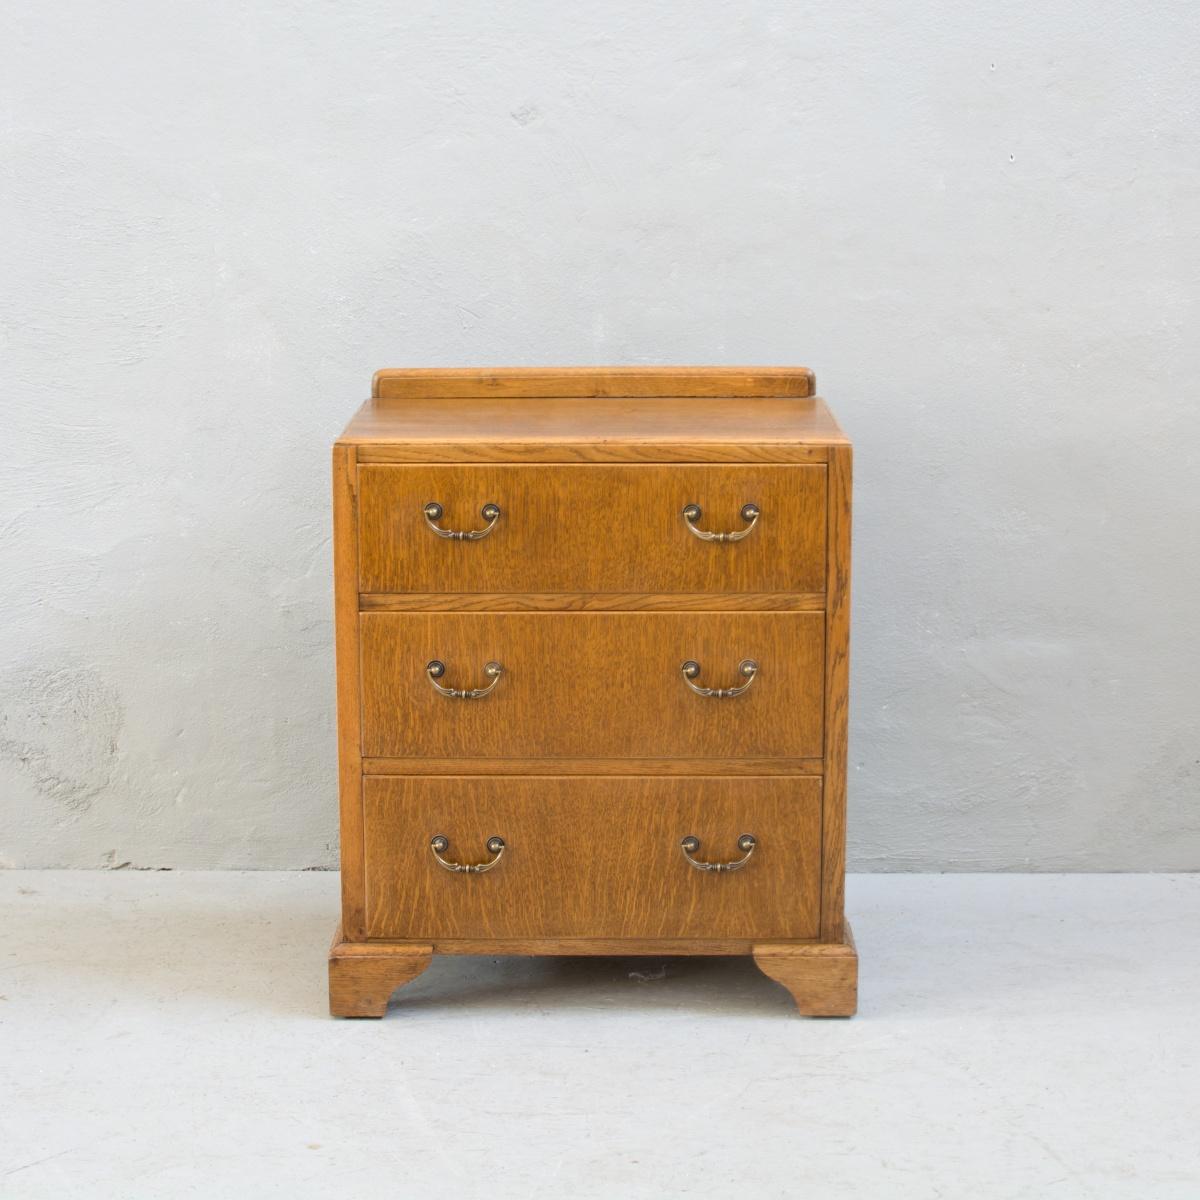 Prodej anglického nábytku anglická dubová komoda